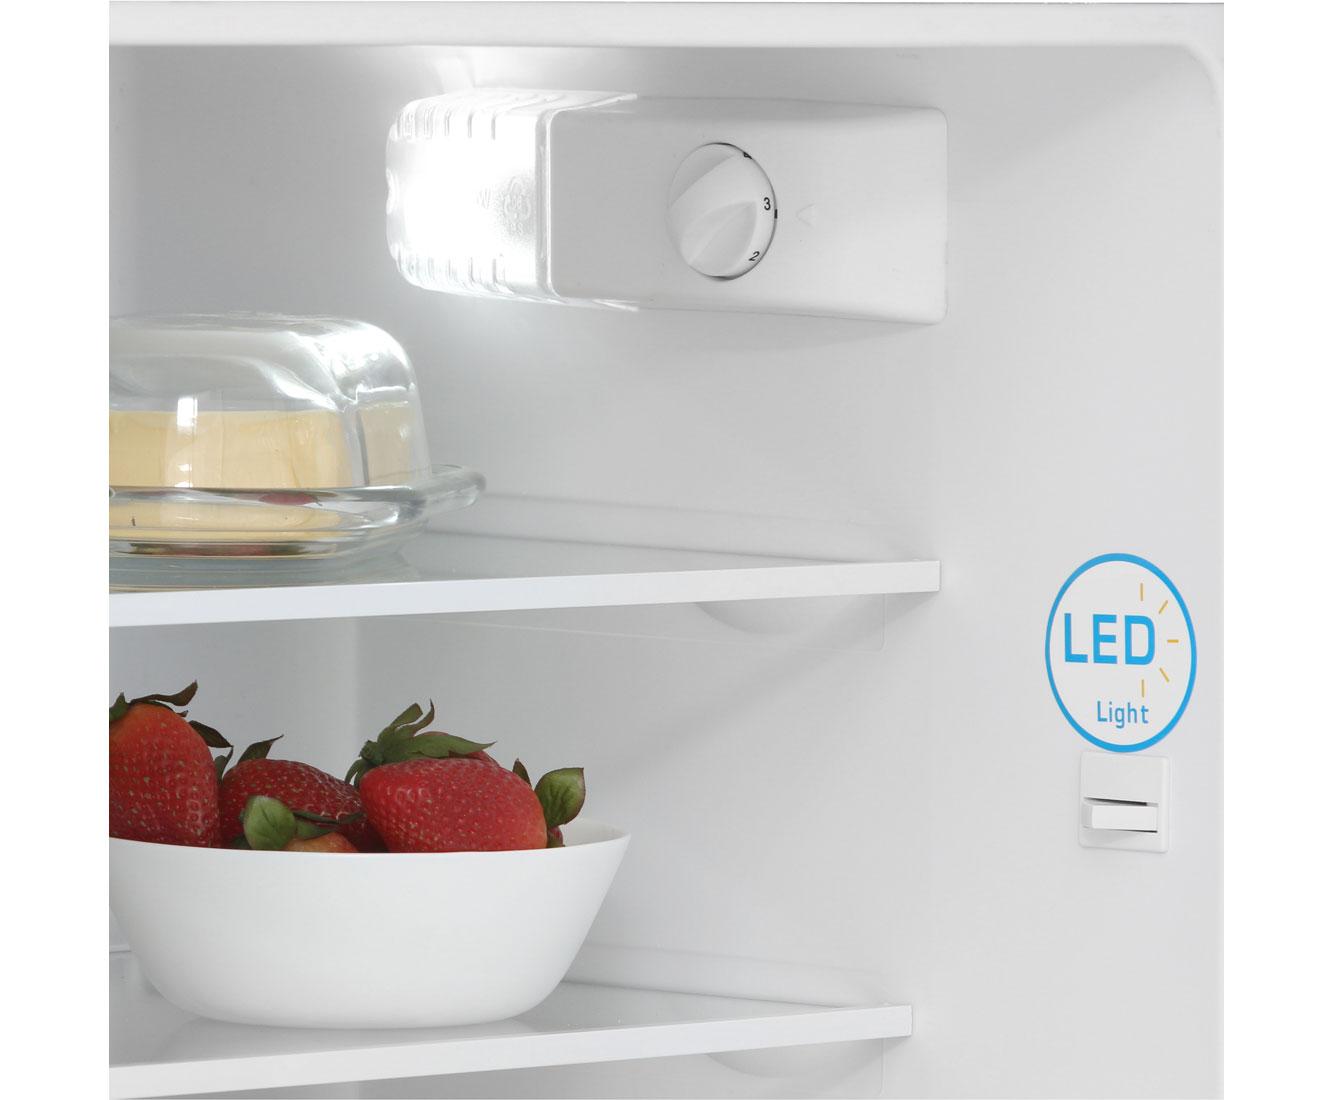 Amica Kühlschrank Einbau : Amica evks 16162 kühlschrank eingebaut 54cm weiss neu ebay